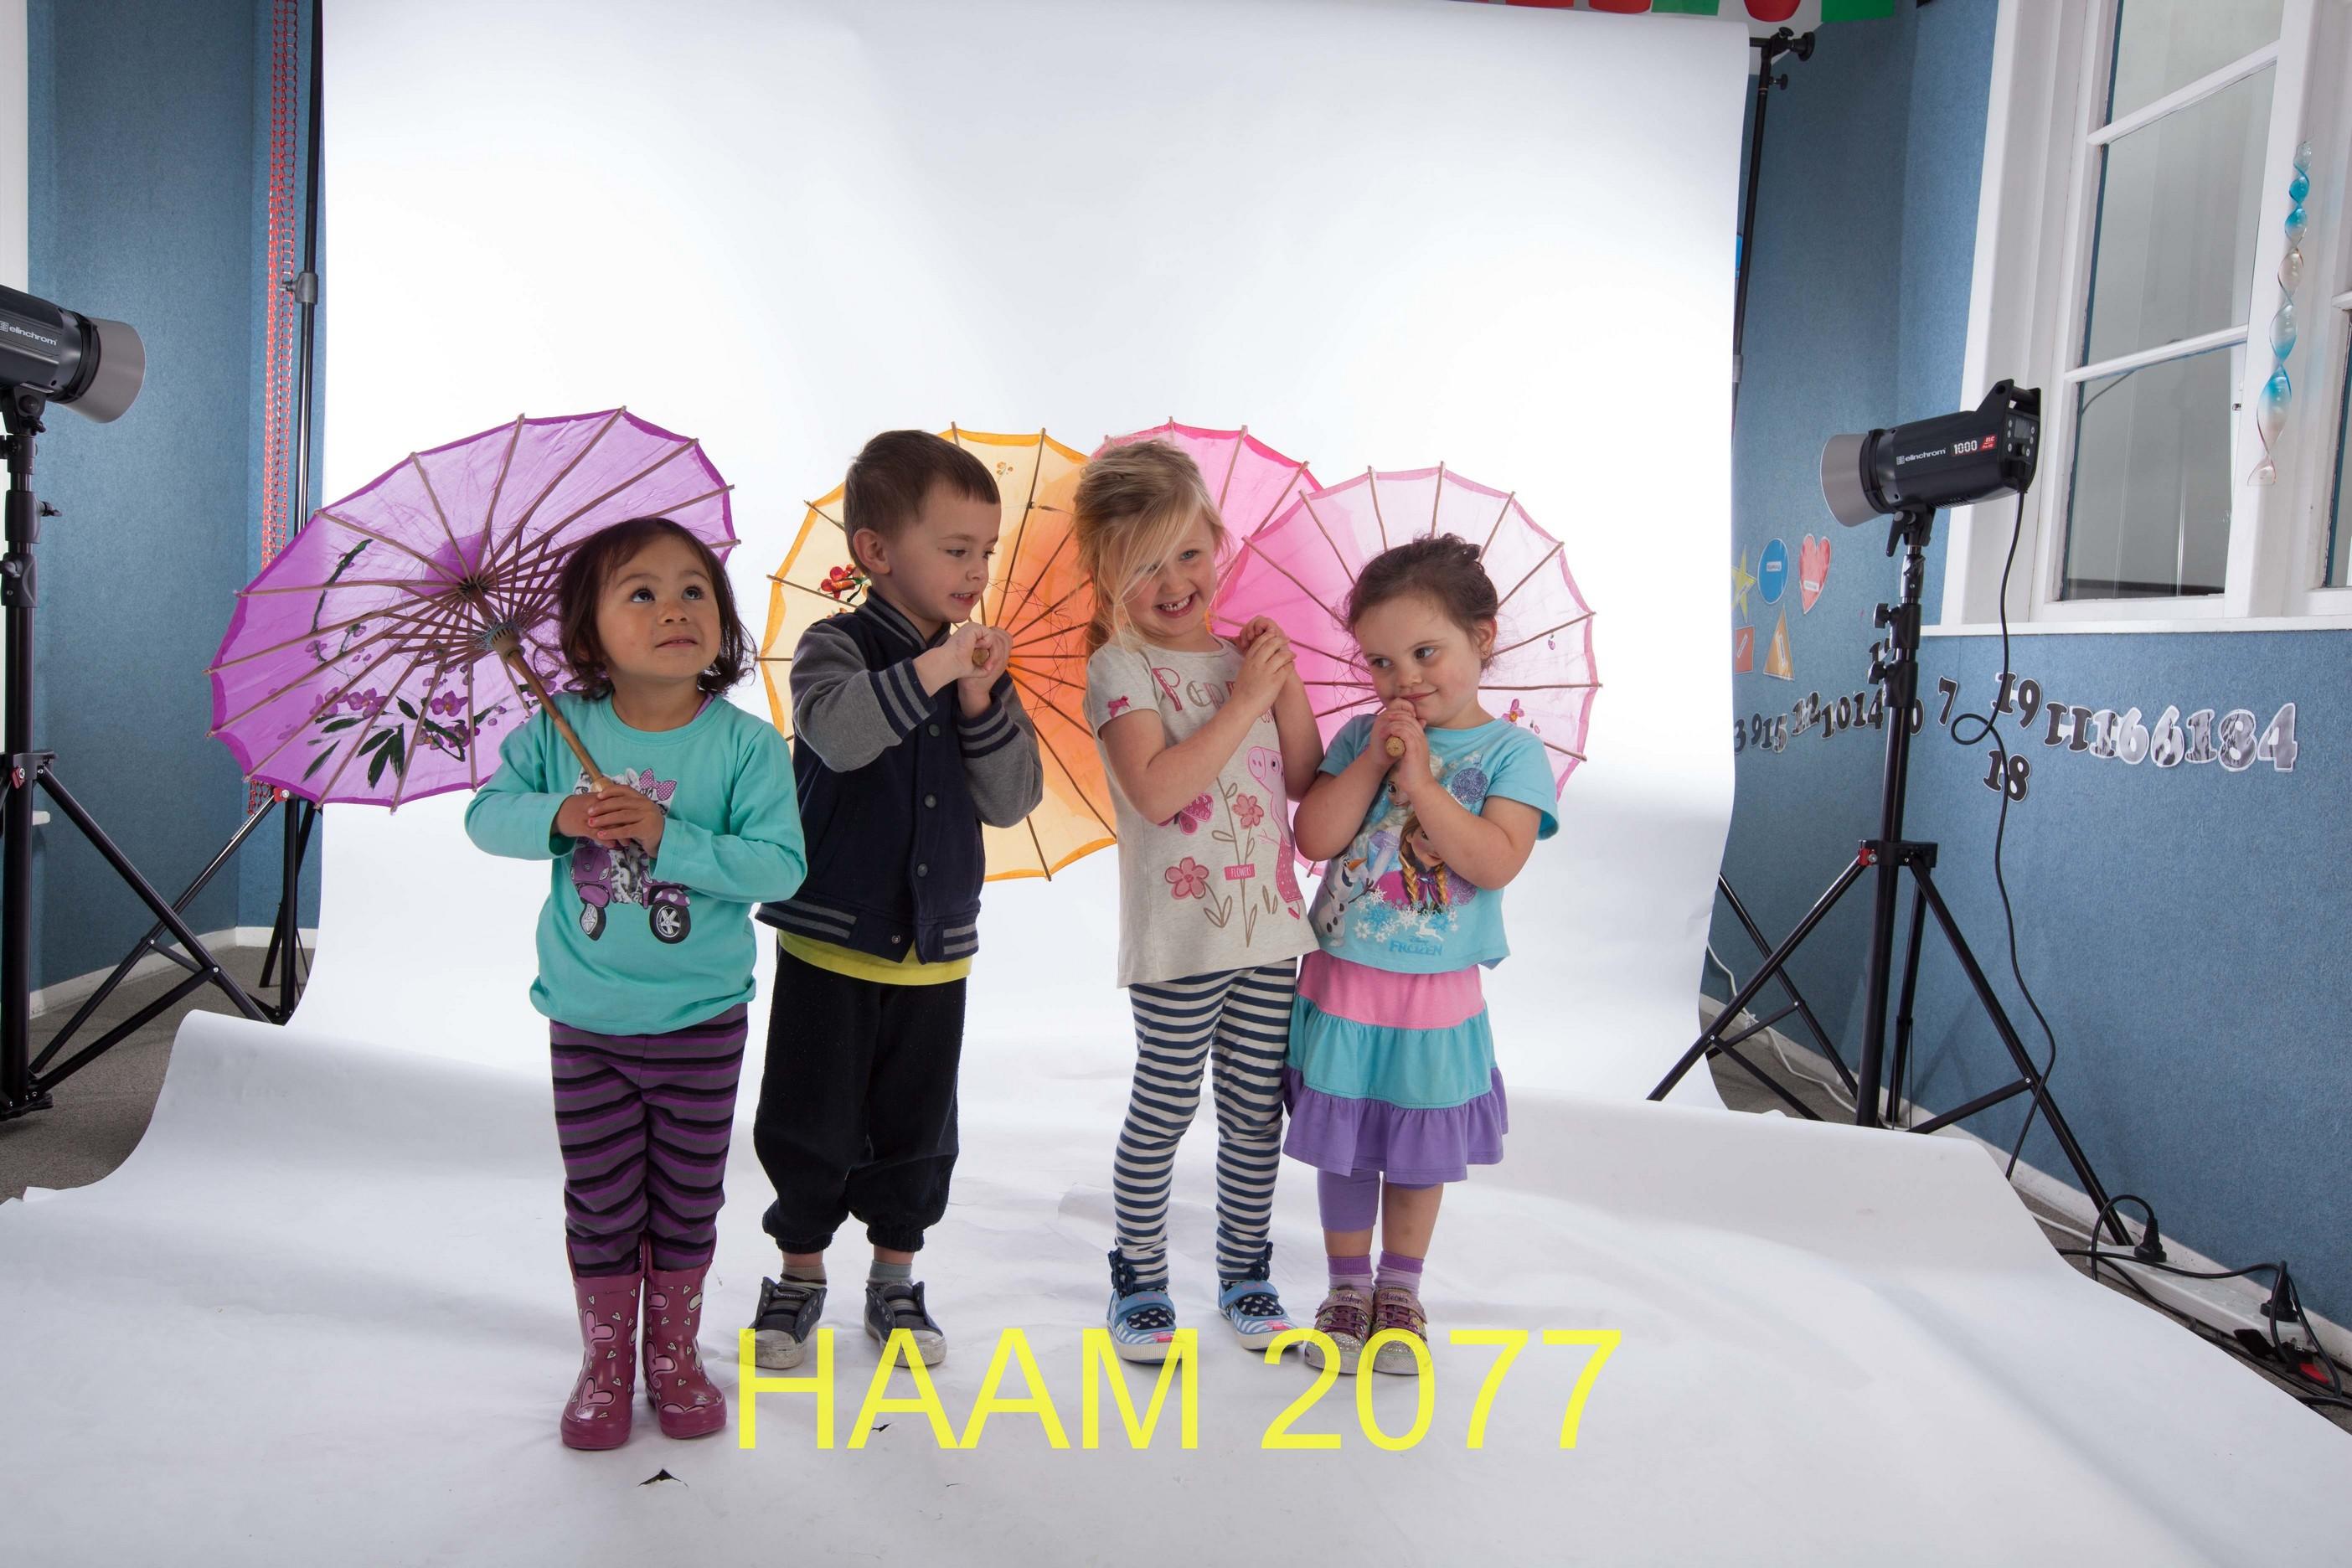 HAAM 2077